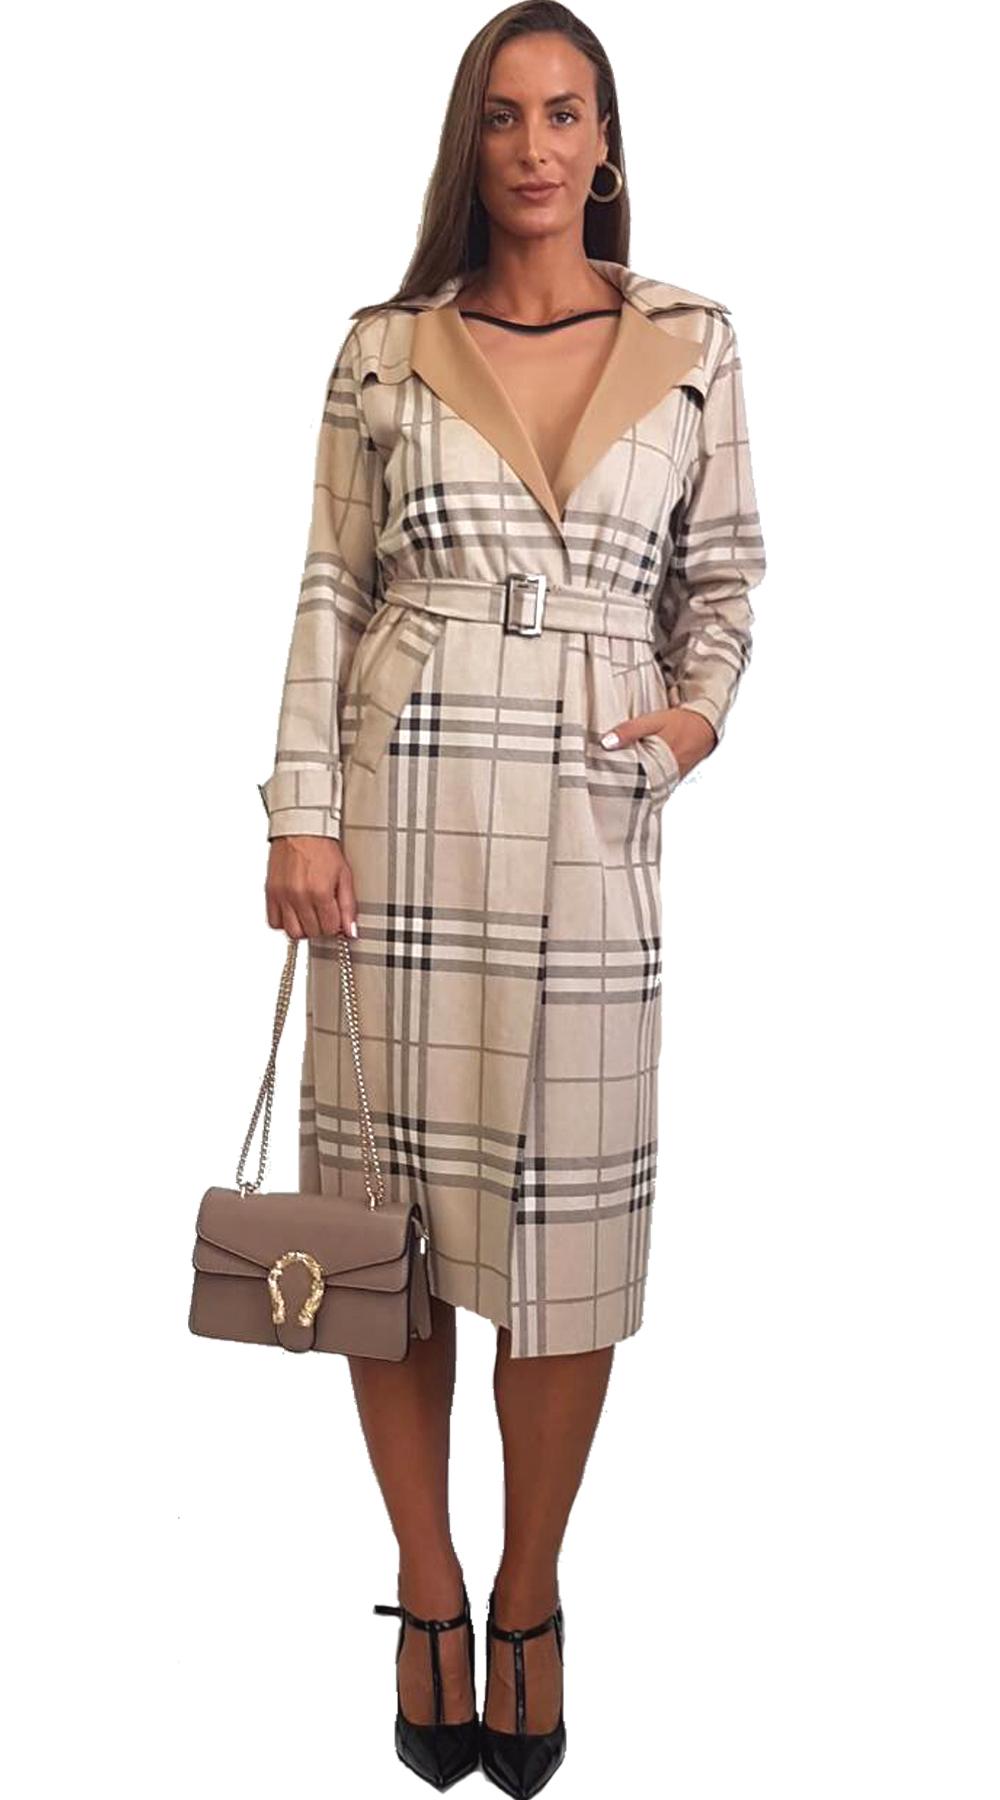 Σουέτ Μάξι Καρό Παλτό - MissReina - FA18GAL-455211 πανωφόρια παλτό